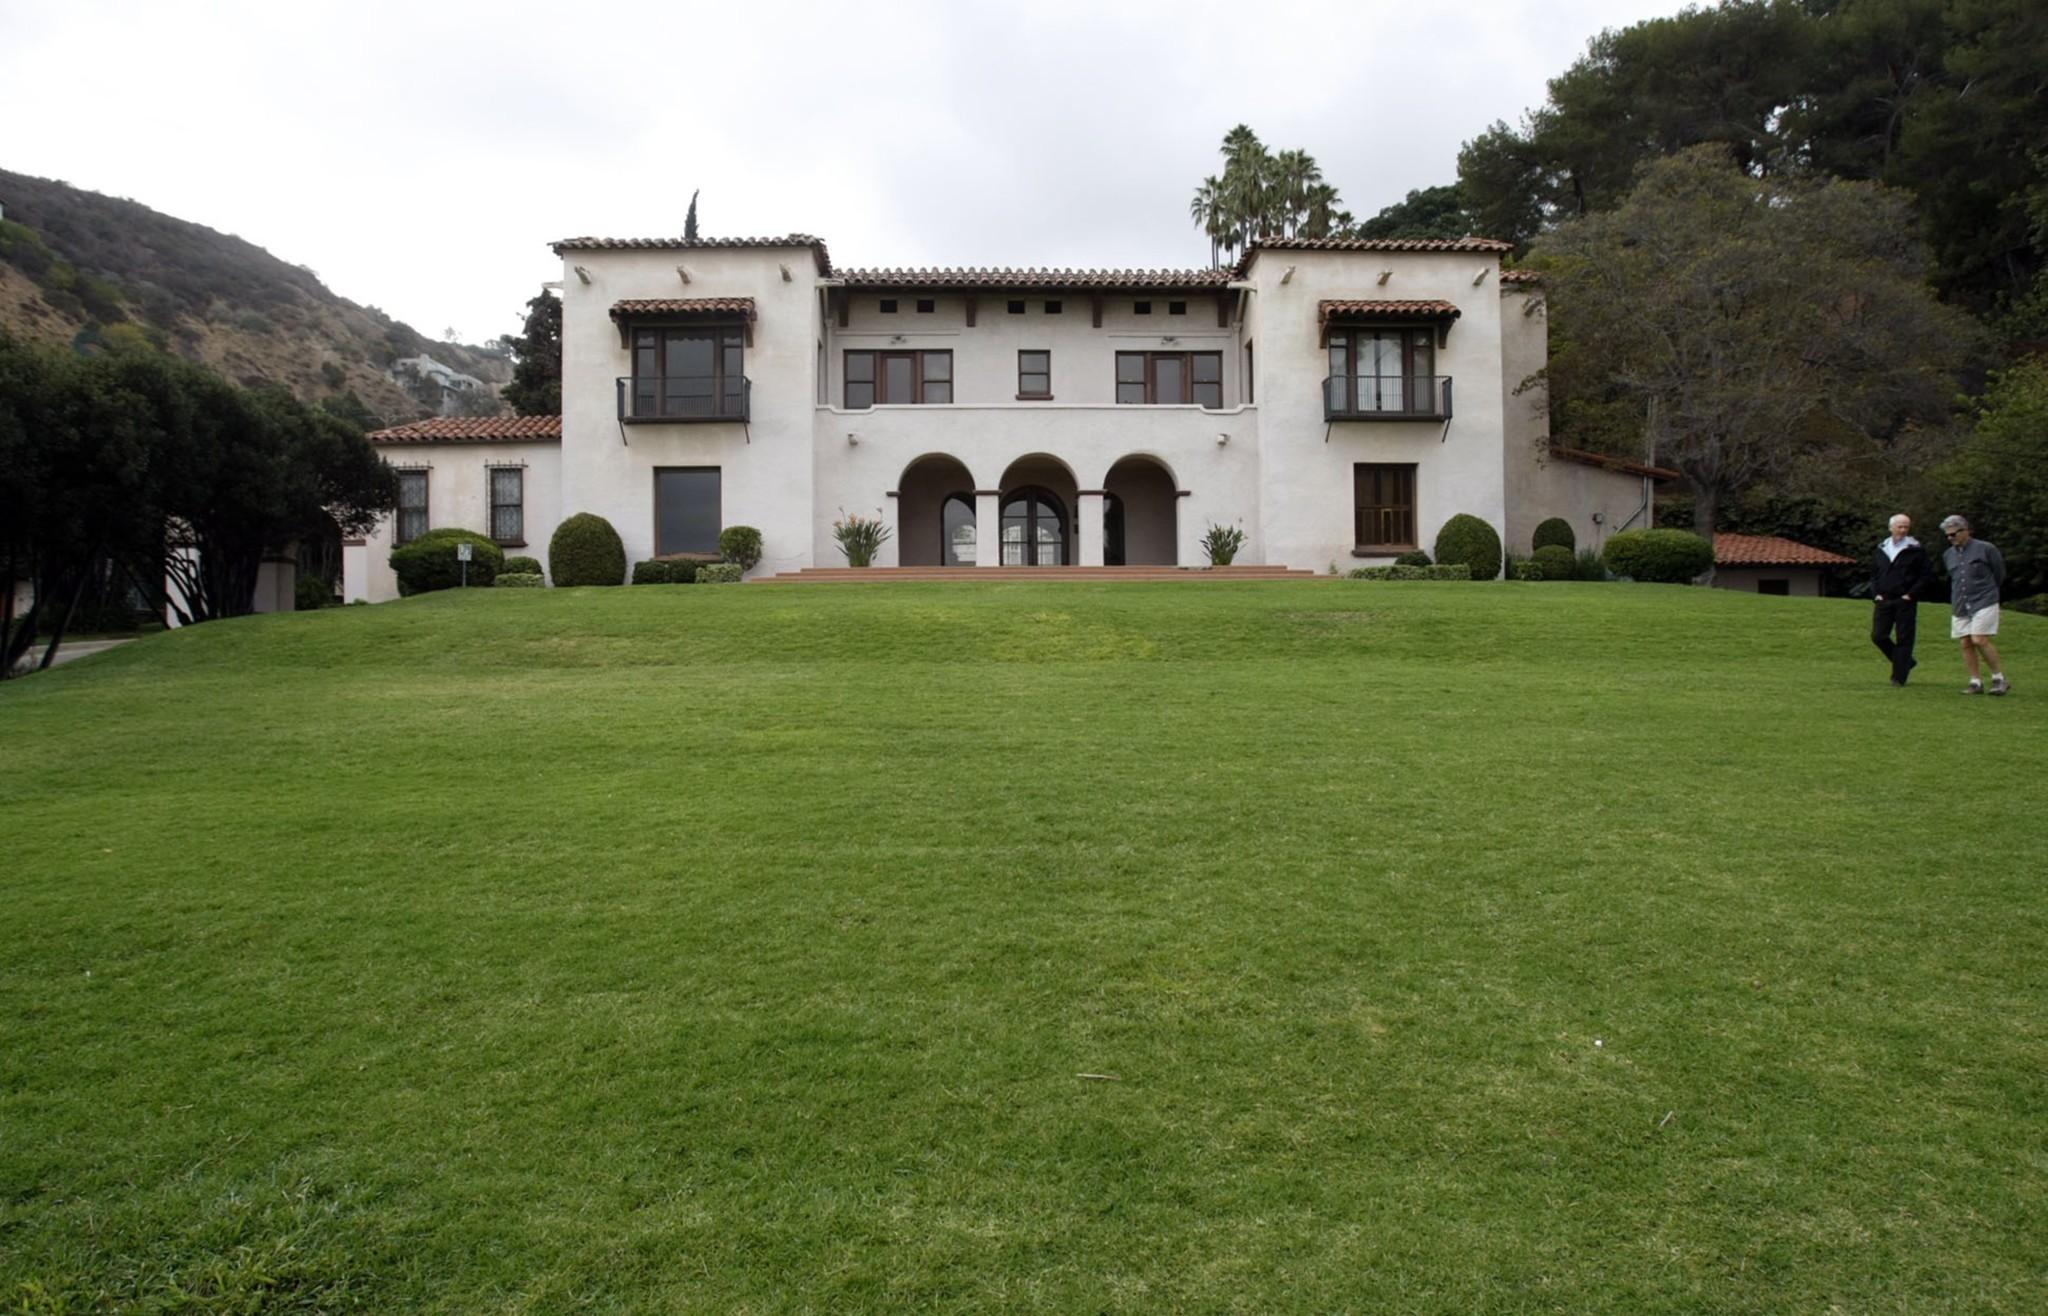 Wattles Garden Park Los Angeles Wattles Garden Park Reopens to